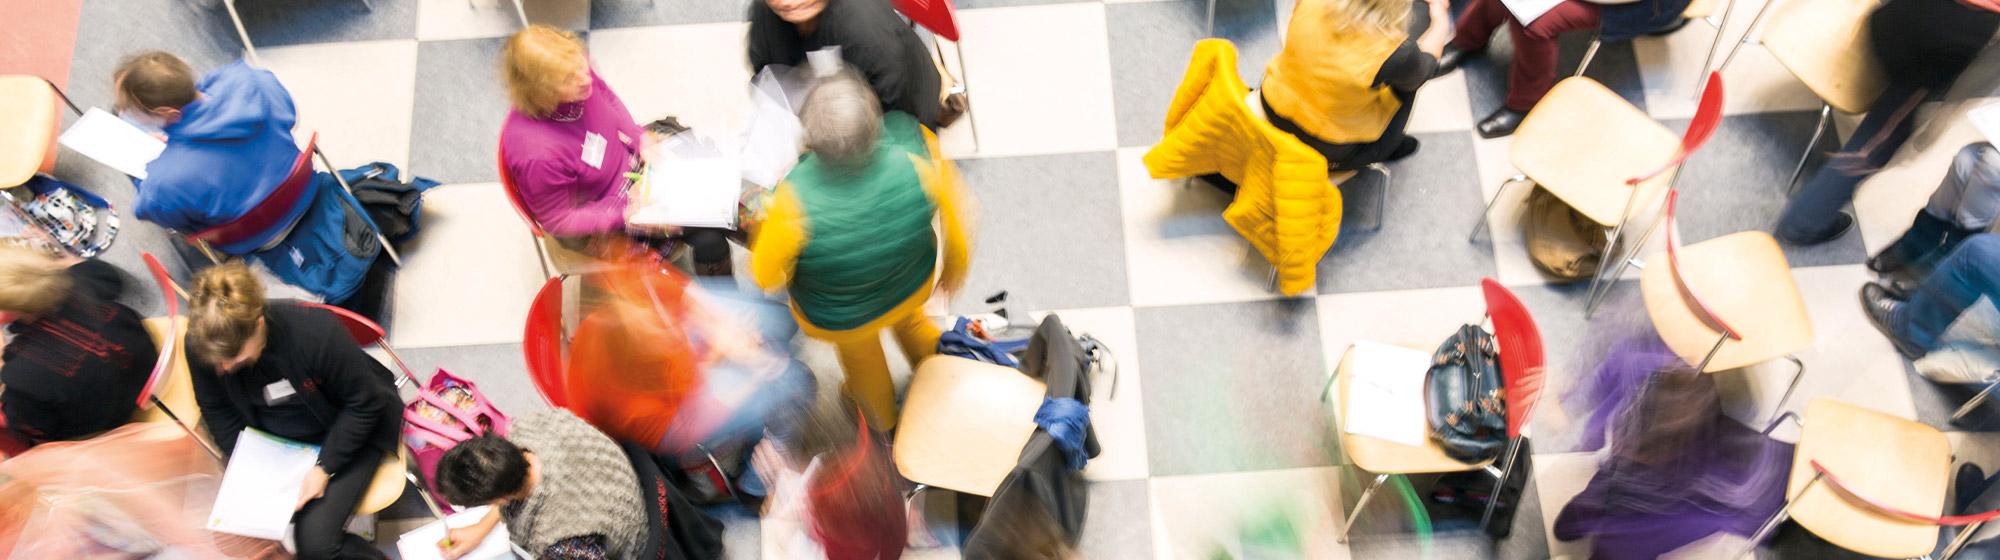 Das Bild ist auf einer ABmPE-Netzwerktagung entstanden. Es zeigt Menschen, die in Gruppen, auf bunten Stühlen, sitzen. Das Bild ist von oben herab fotografiert. Bewegungsunschärfe verzerrt das Bild optisch.